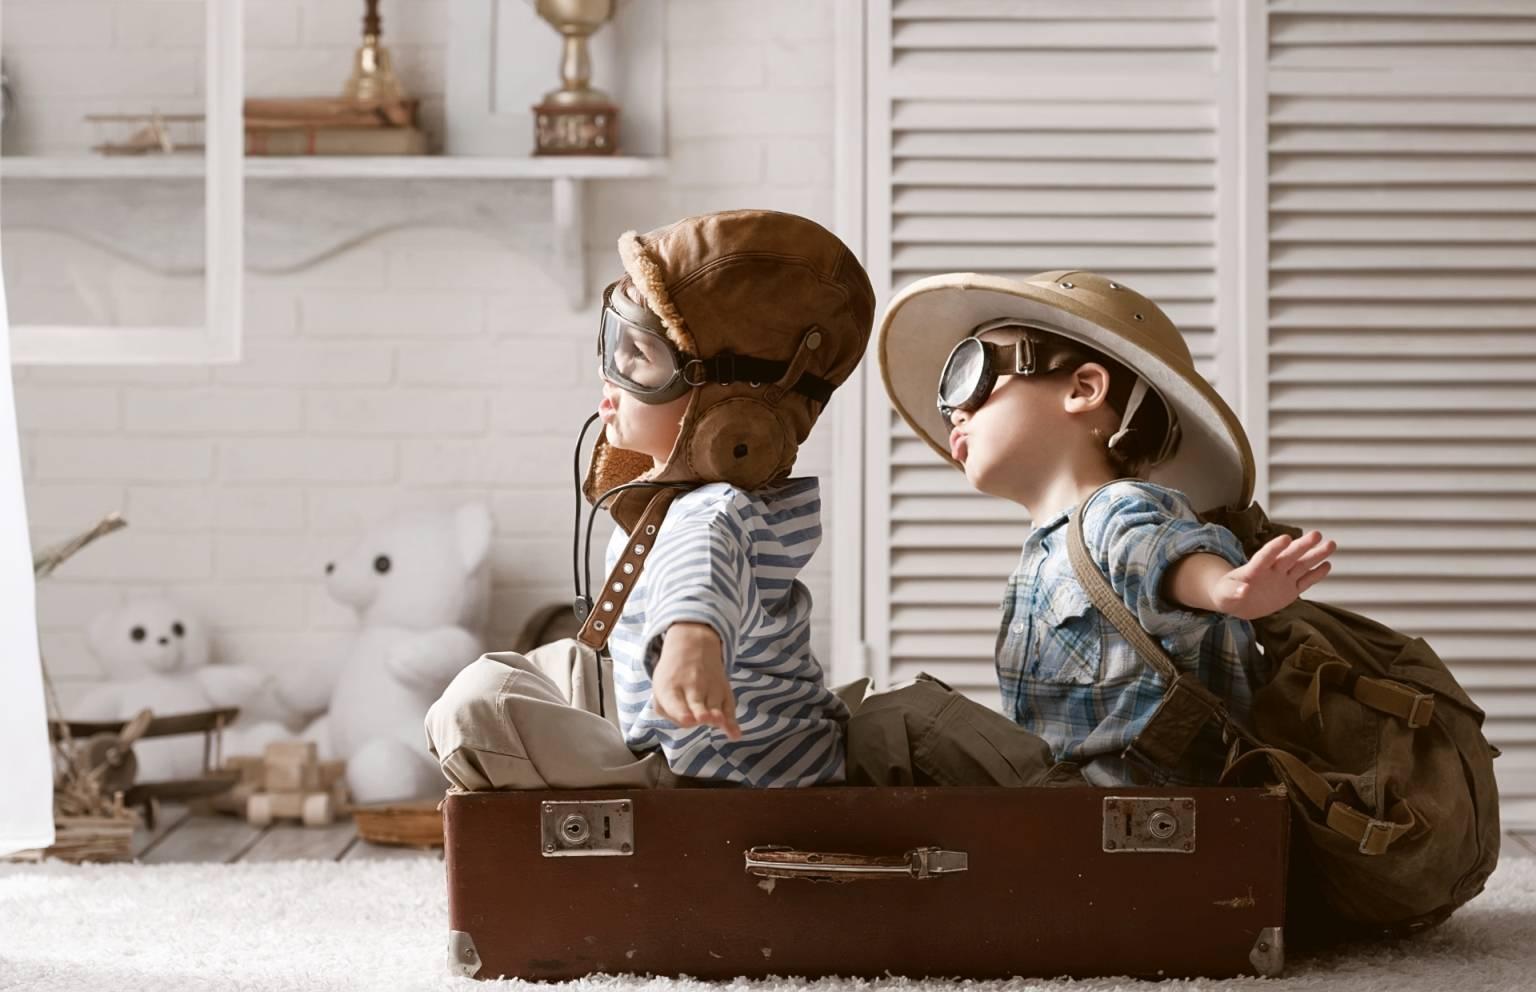 Wakacje z dziećmi - co powinna zawierać apteczka turystyczna? Dzieci bawią się w podróżników lotników siedząc w starej walizce.